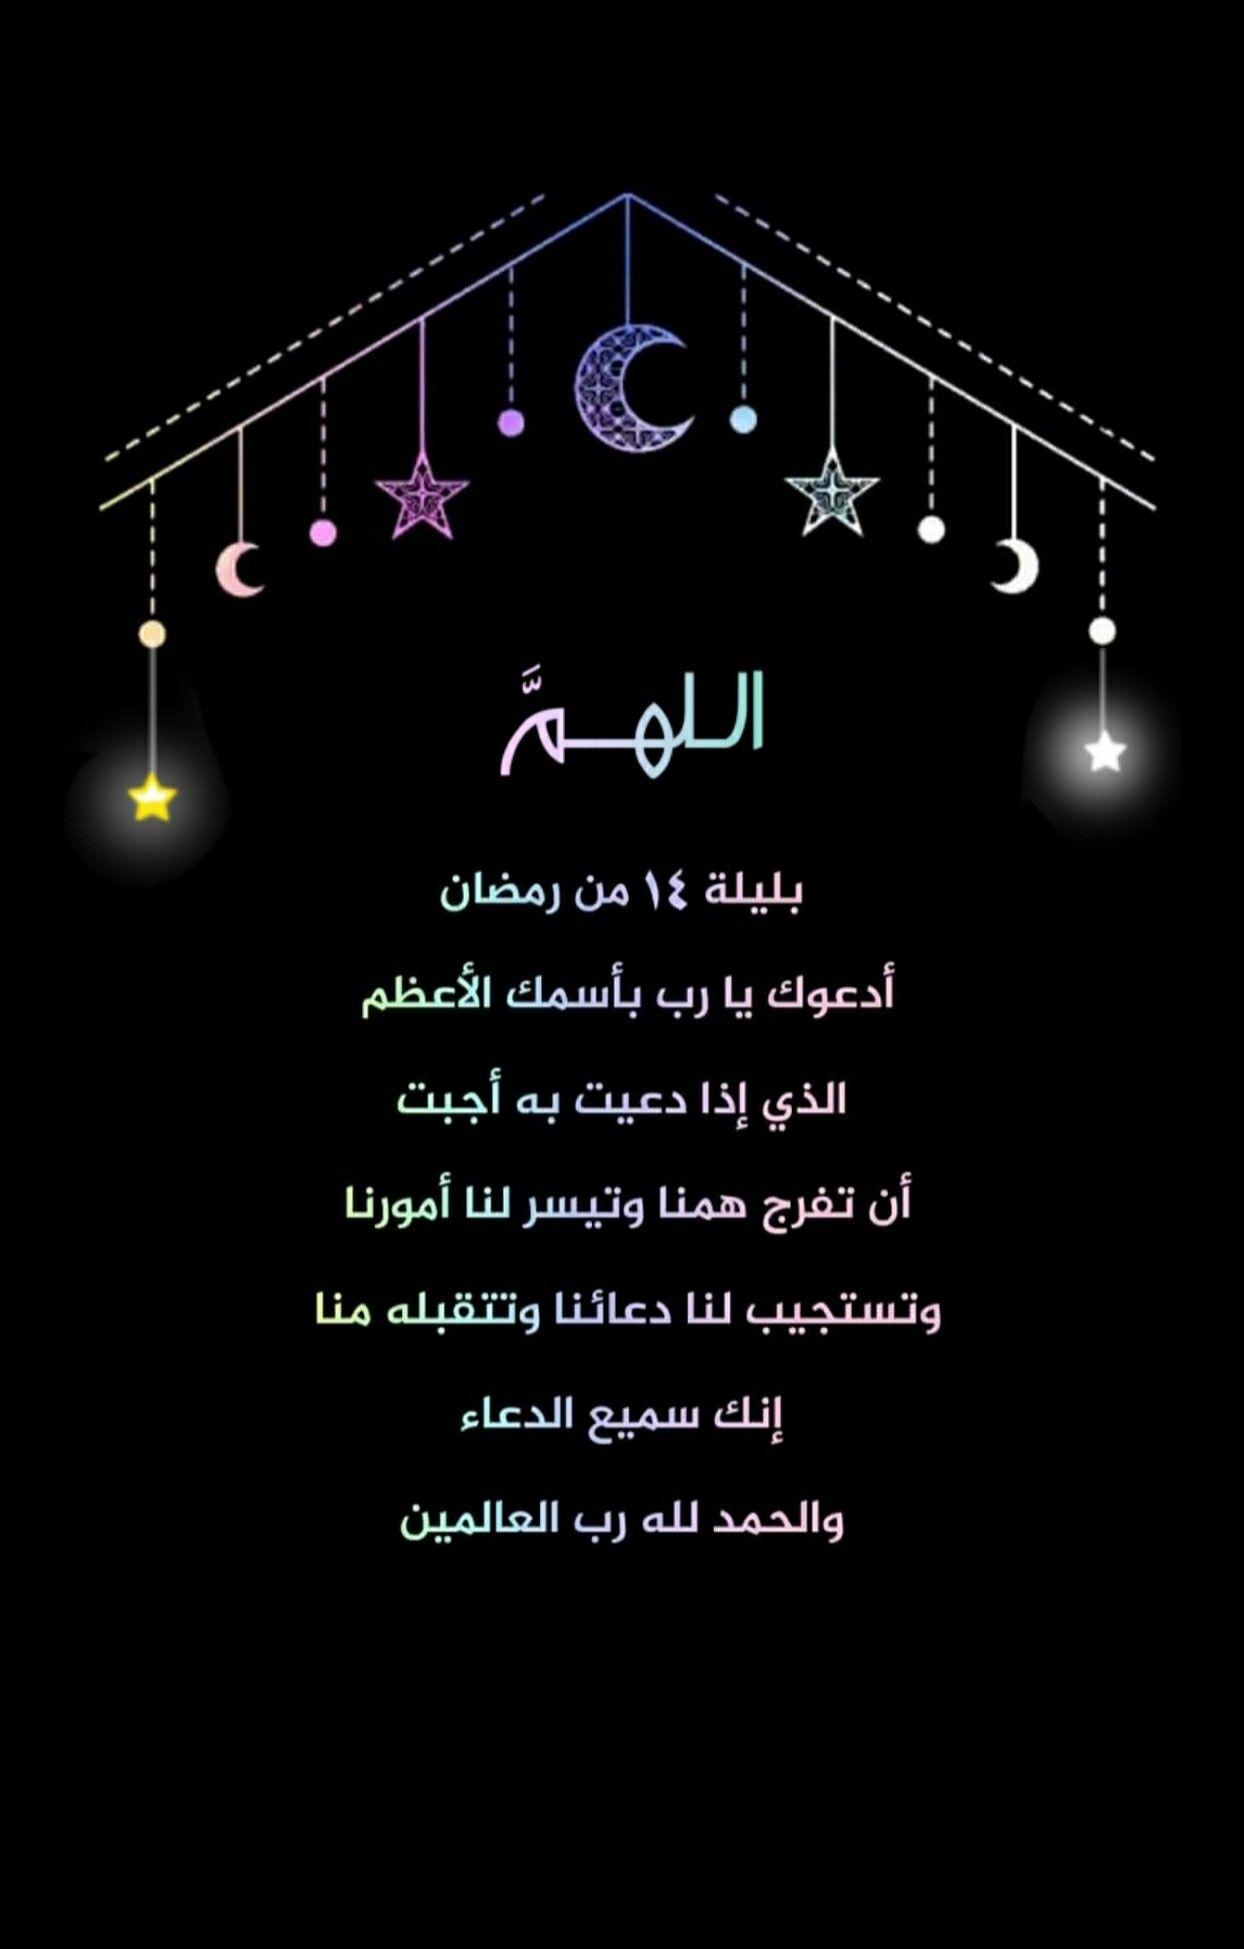 الرد على مبارك عليكم الشهر